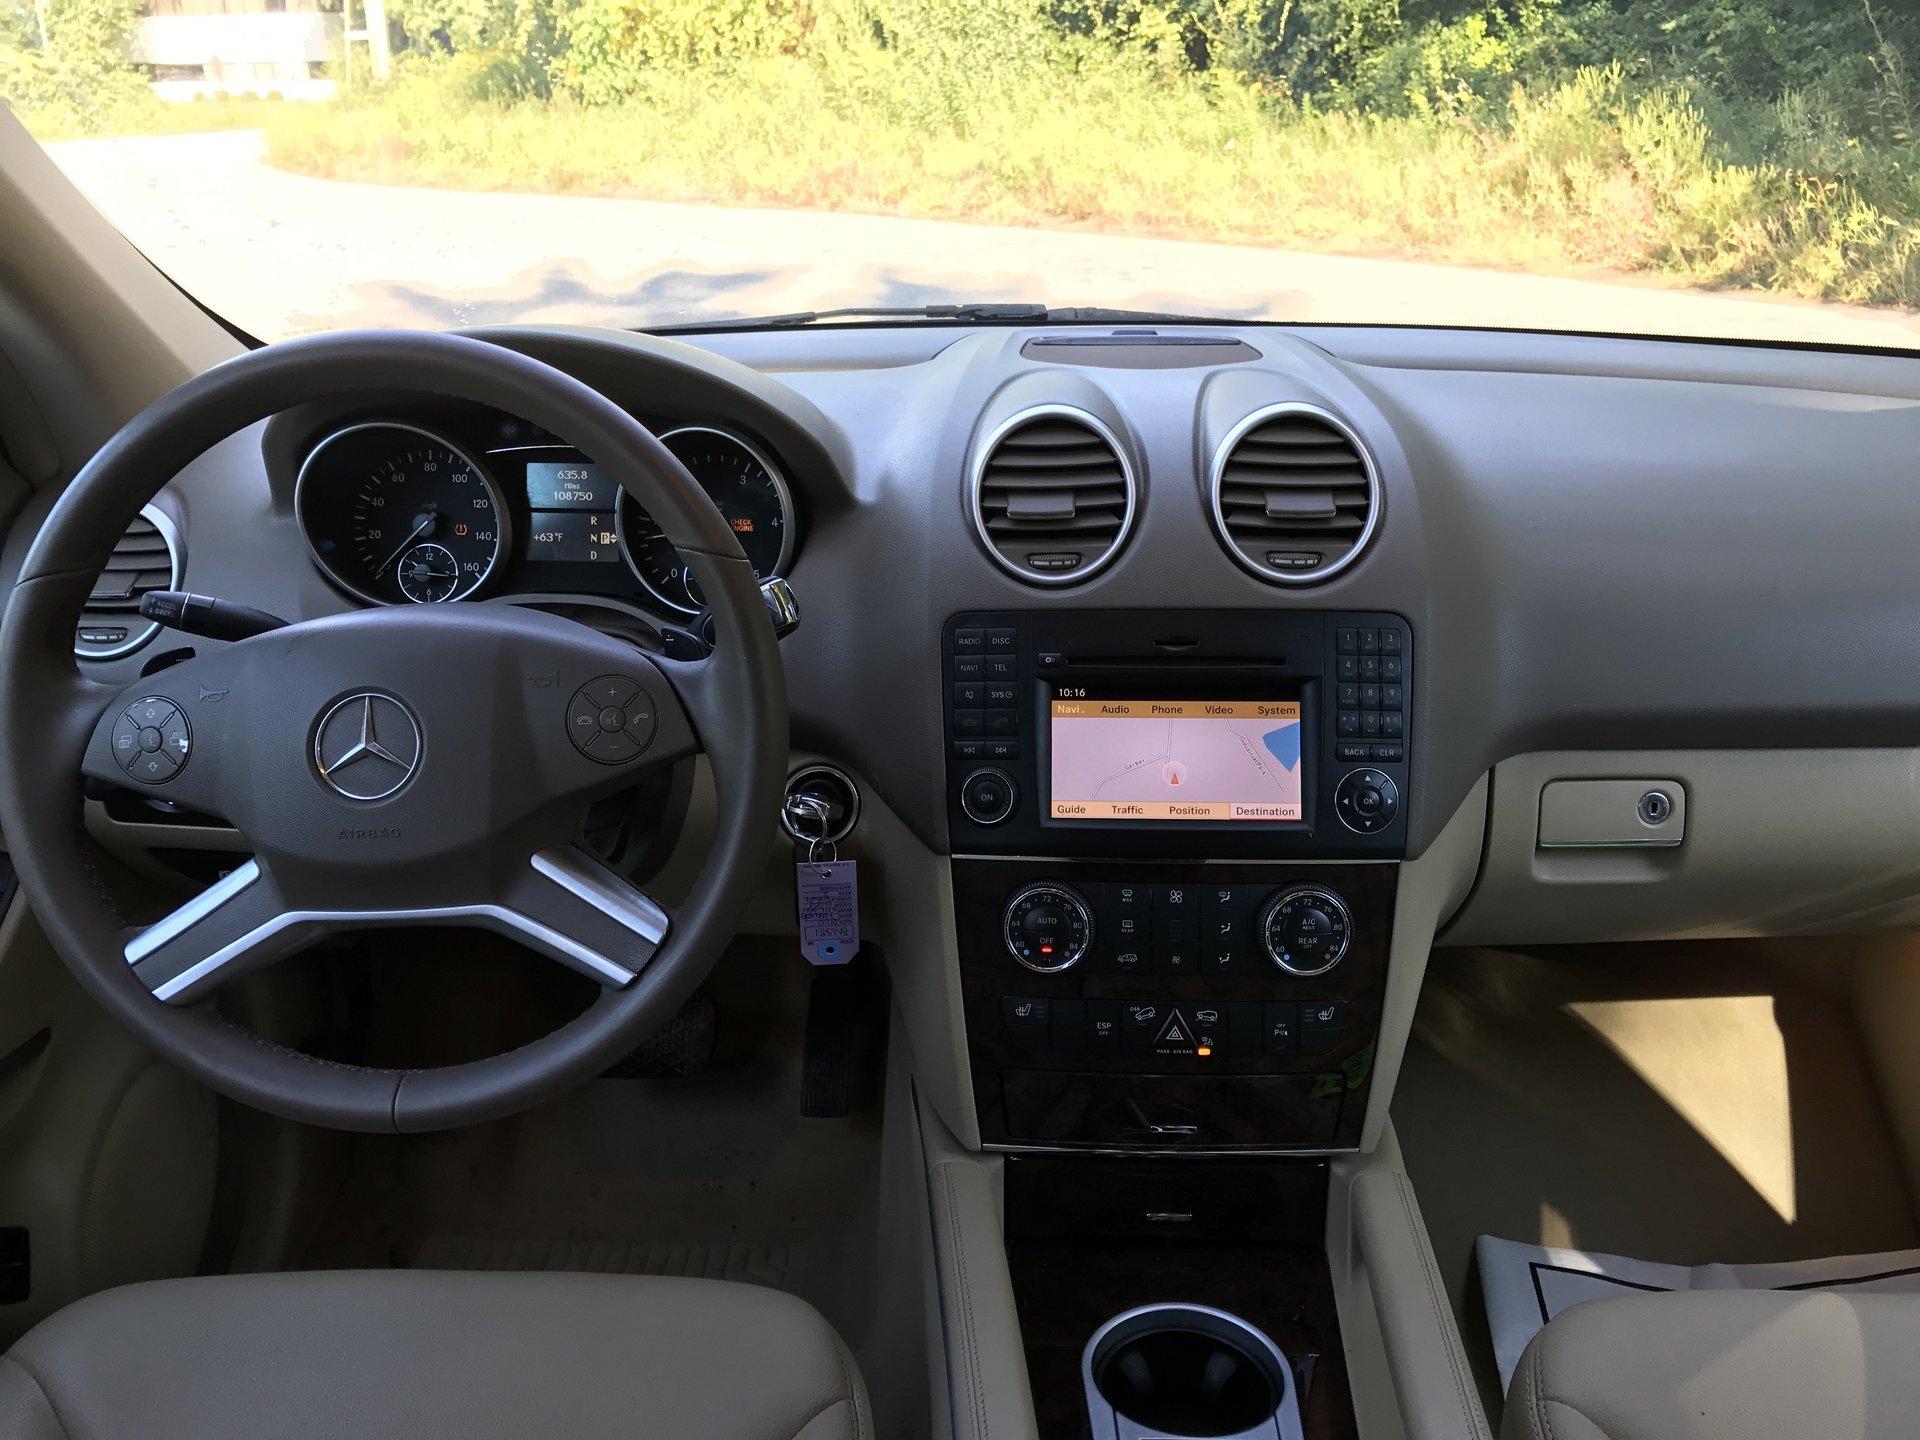 2010 Mercedes-Benz ML350 | Bundy Automotive